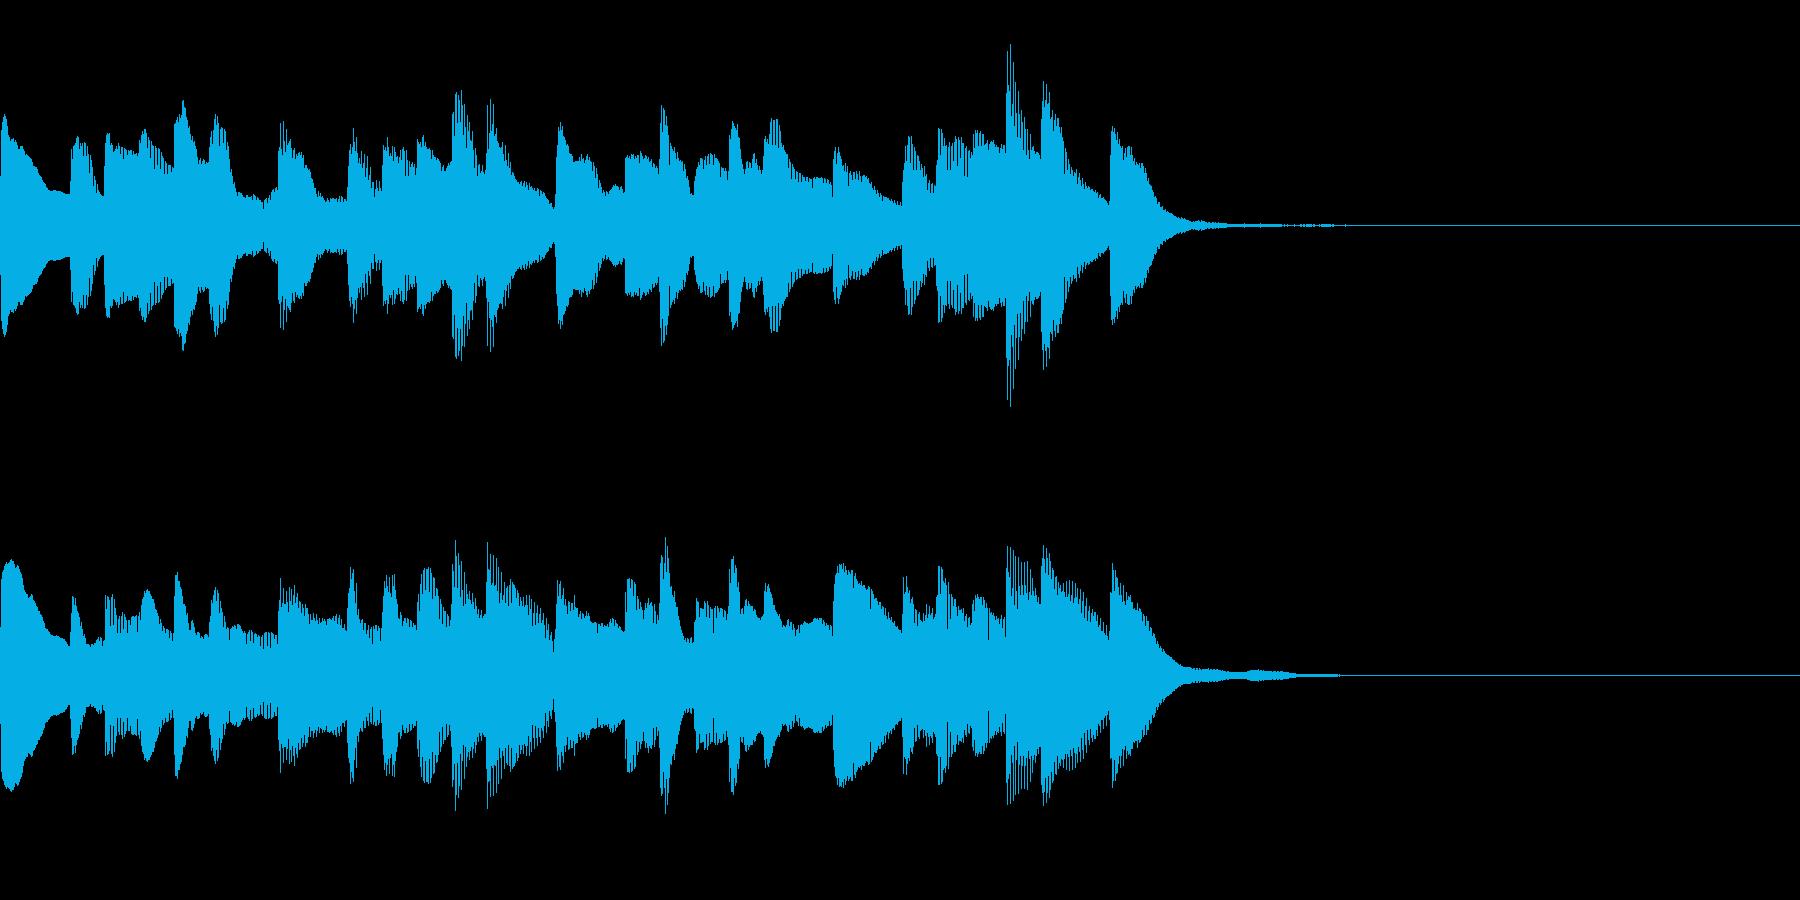 シューティングゲームオーバーの再生済みの波形